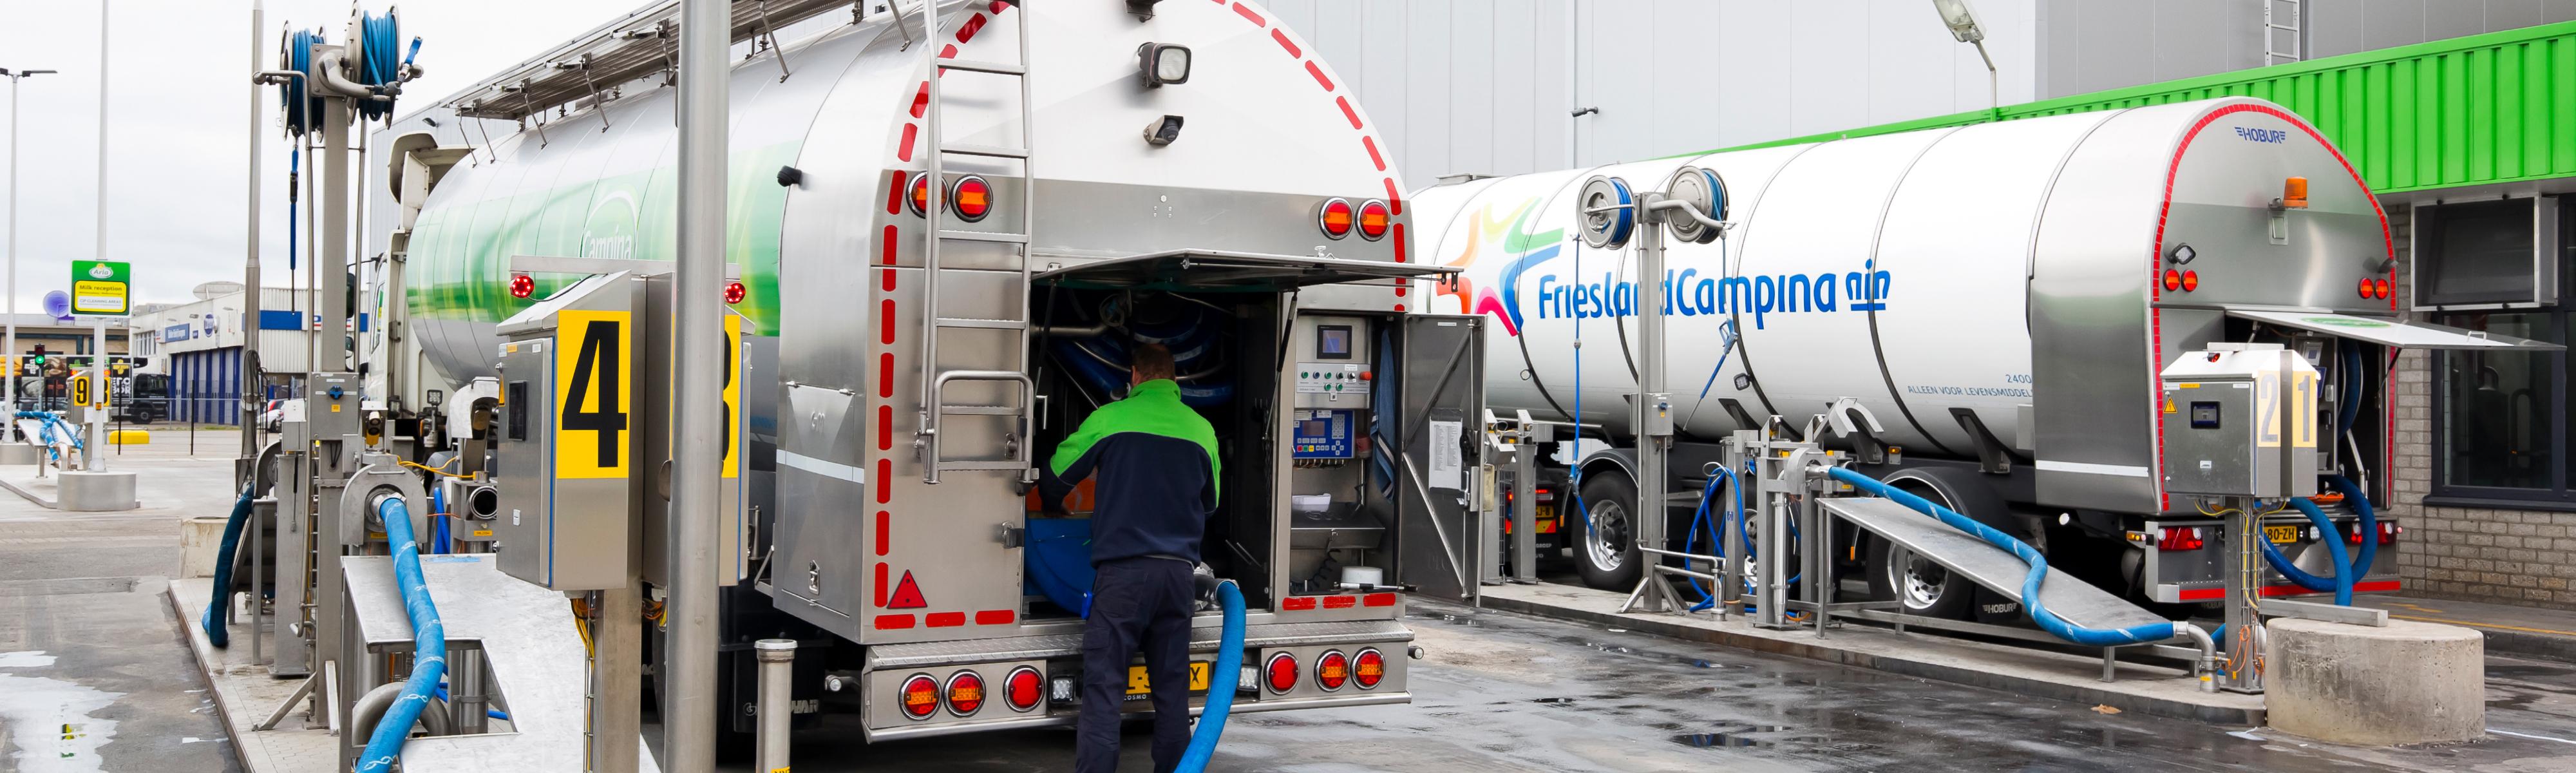 Friesland Campina vrachtwagens